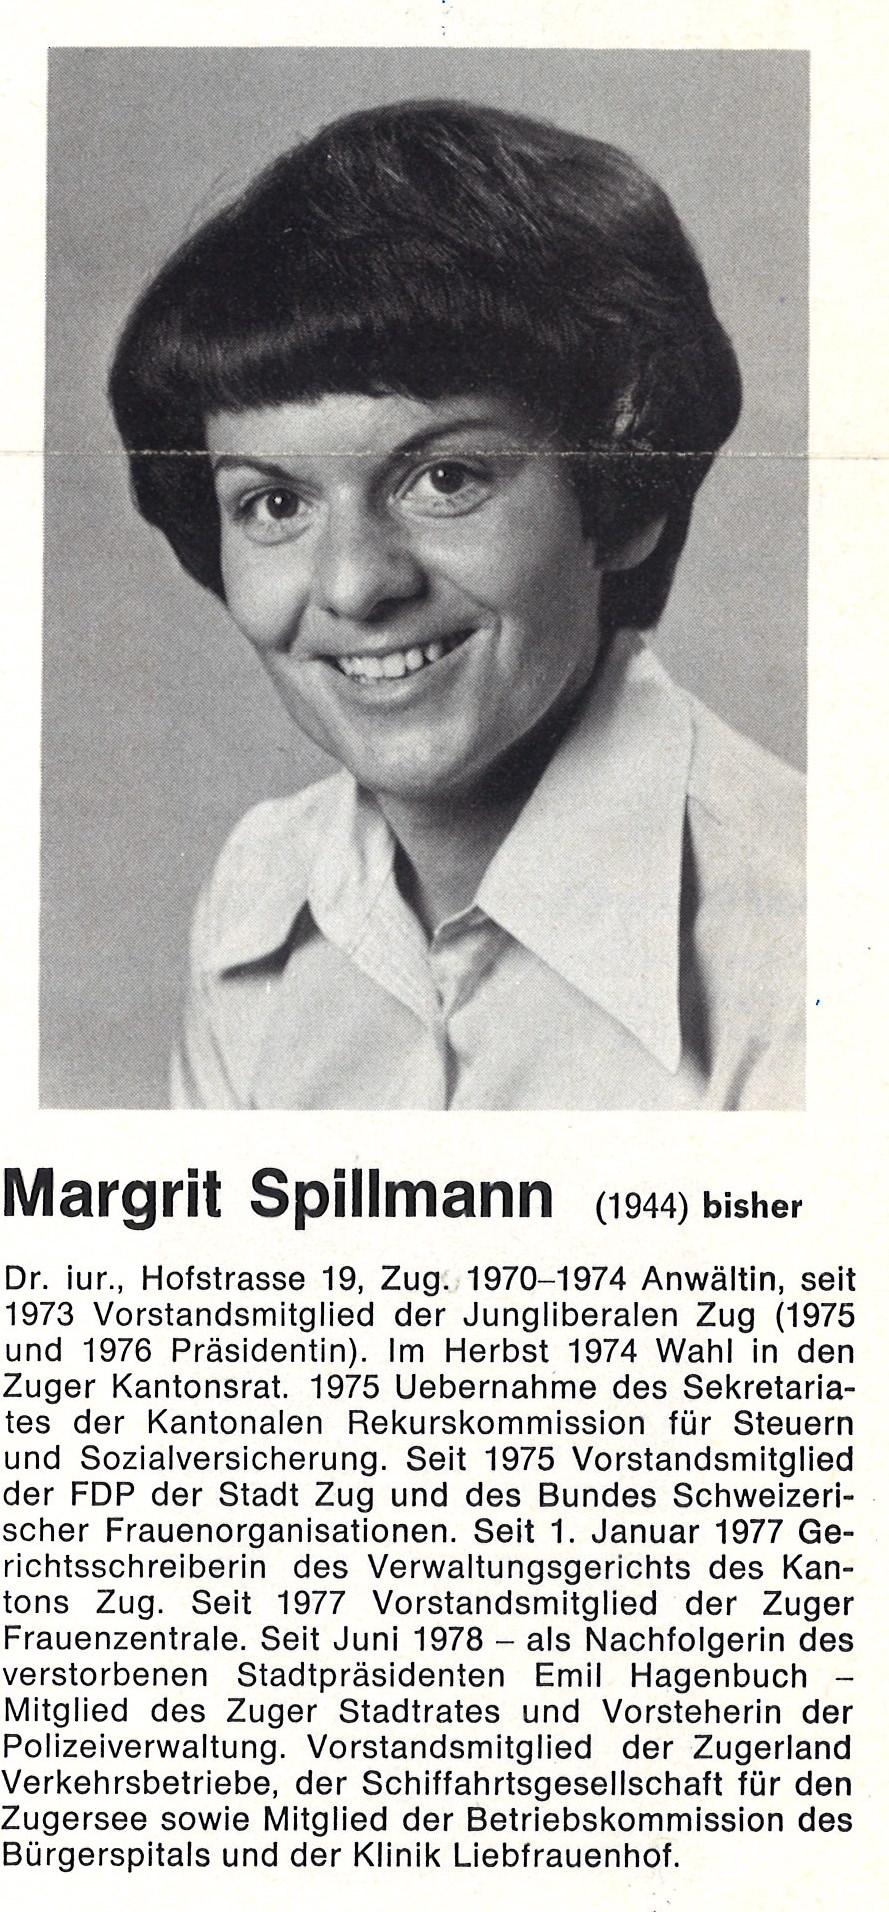 Margrit Spillmann (FDP) wurde 1978 als erste Frau in den Zuger Stadtrat gewählt.